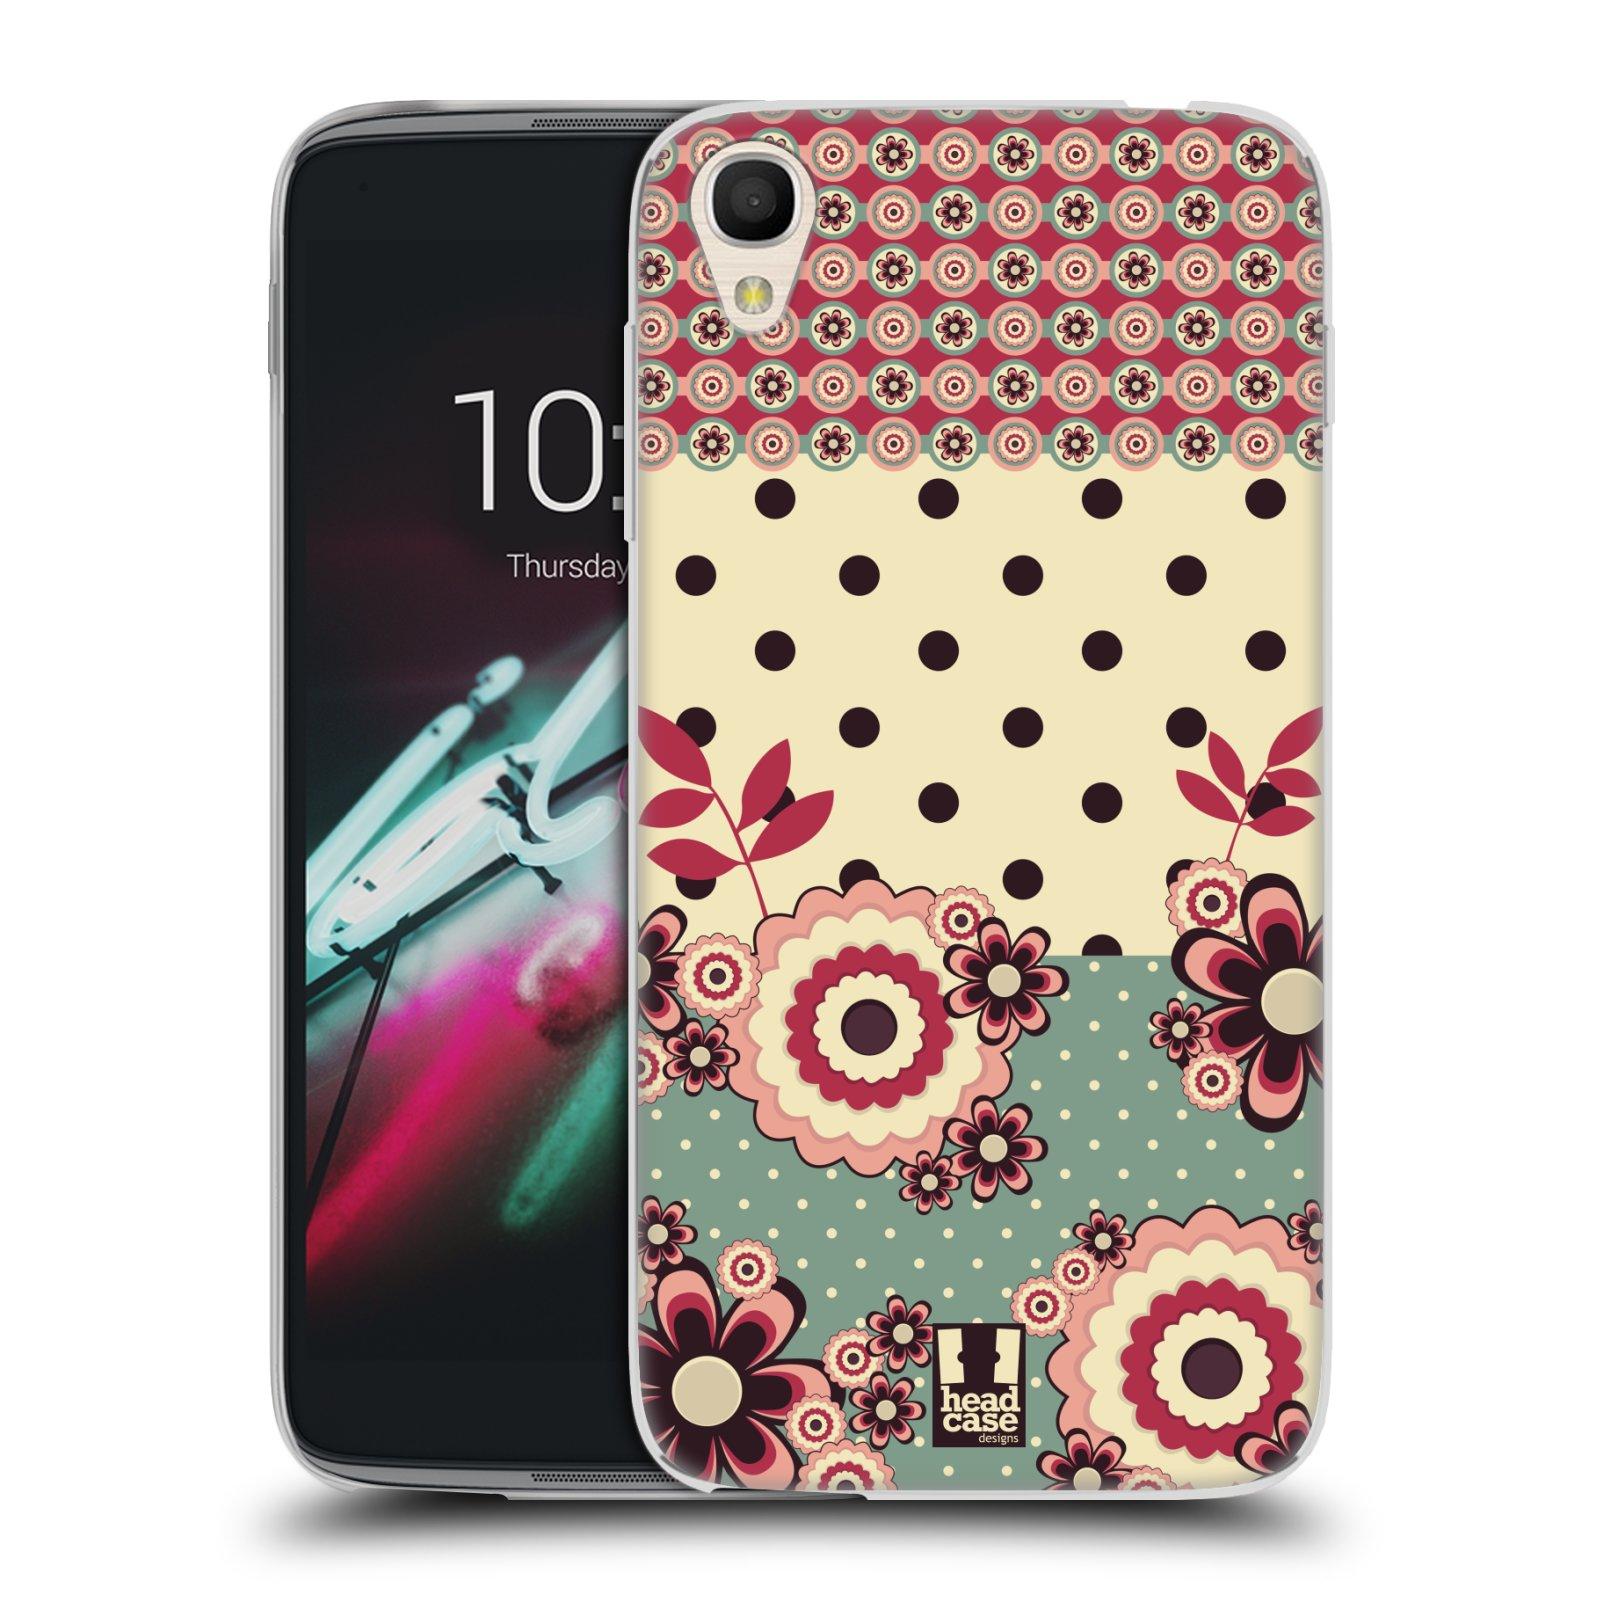 """Silikonové pouzdro na mobil Alcatel One Touch 6039Y Idol 3 HEAD CASE KVÍTKA PINK CREAM (Silikonový kryt či obal na mobilní telefon Alcatel One Touch Idol 3 OT-6039Y s 4,7"""" displejem)"""